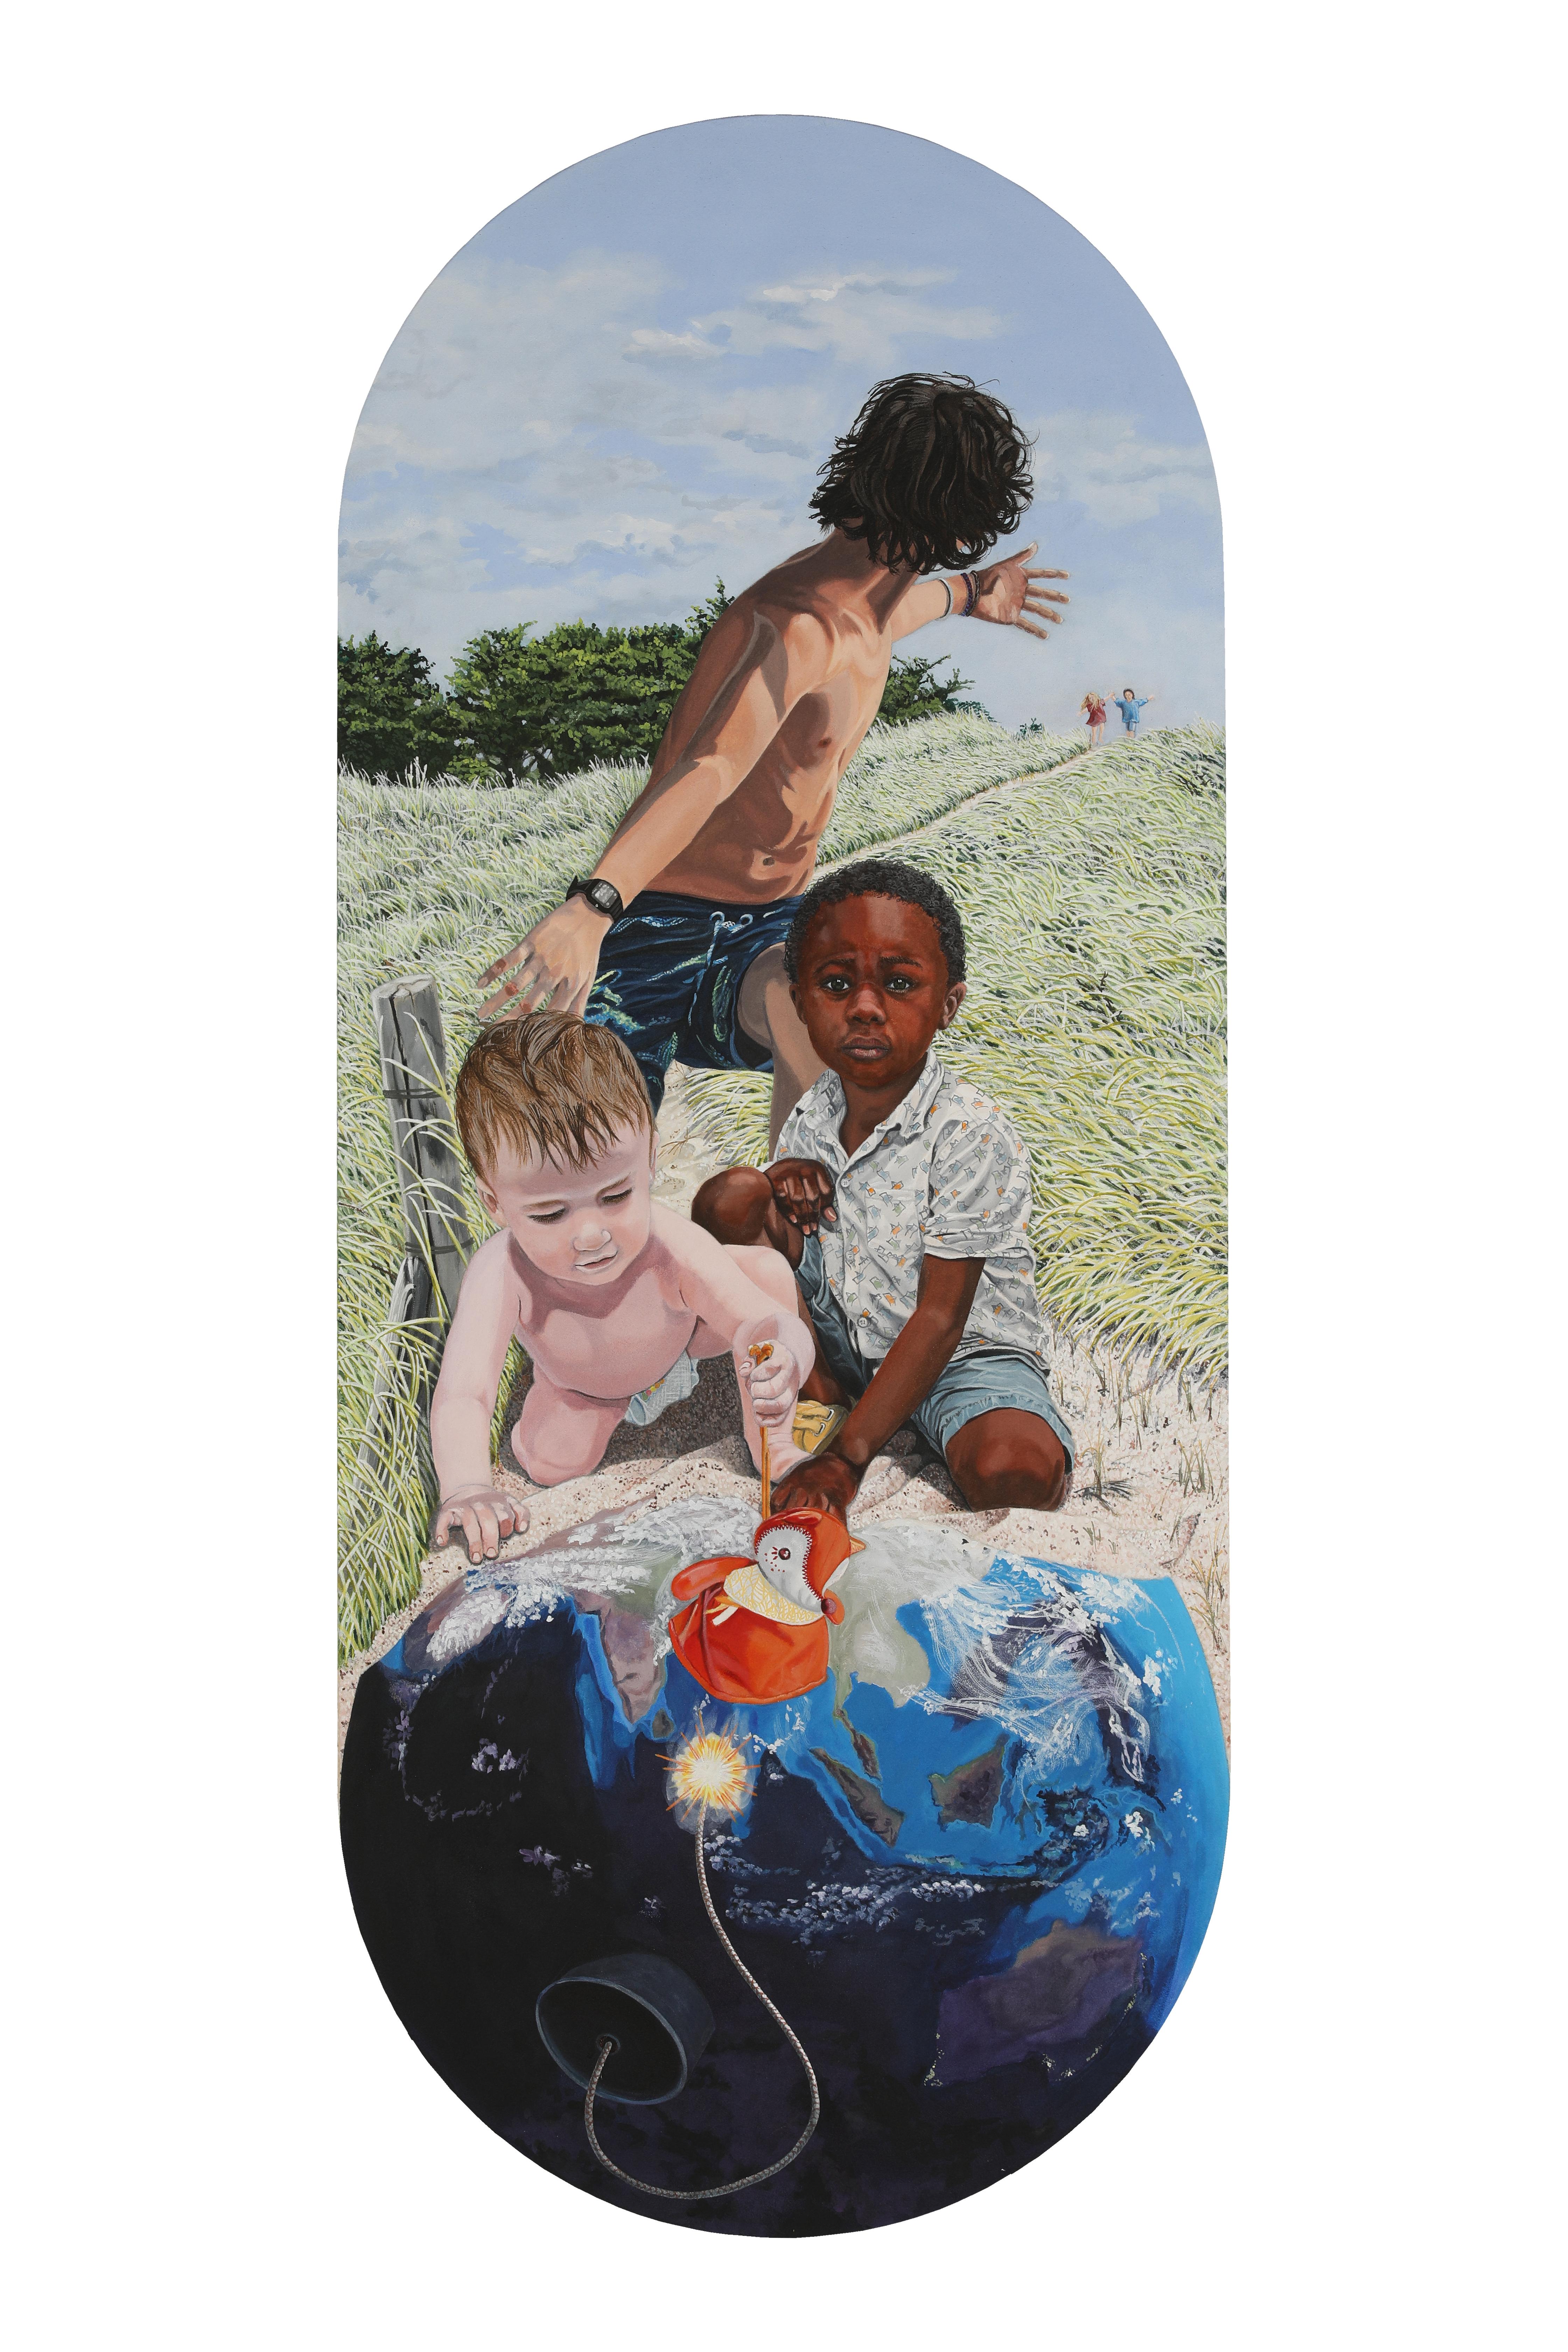 Peinture hyperréalisme Hervé Bernard : Cinq petits pompiers